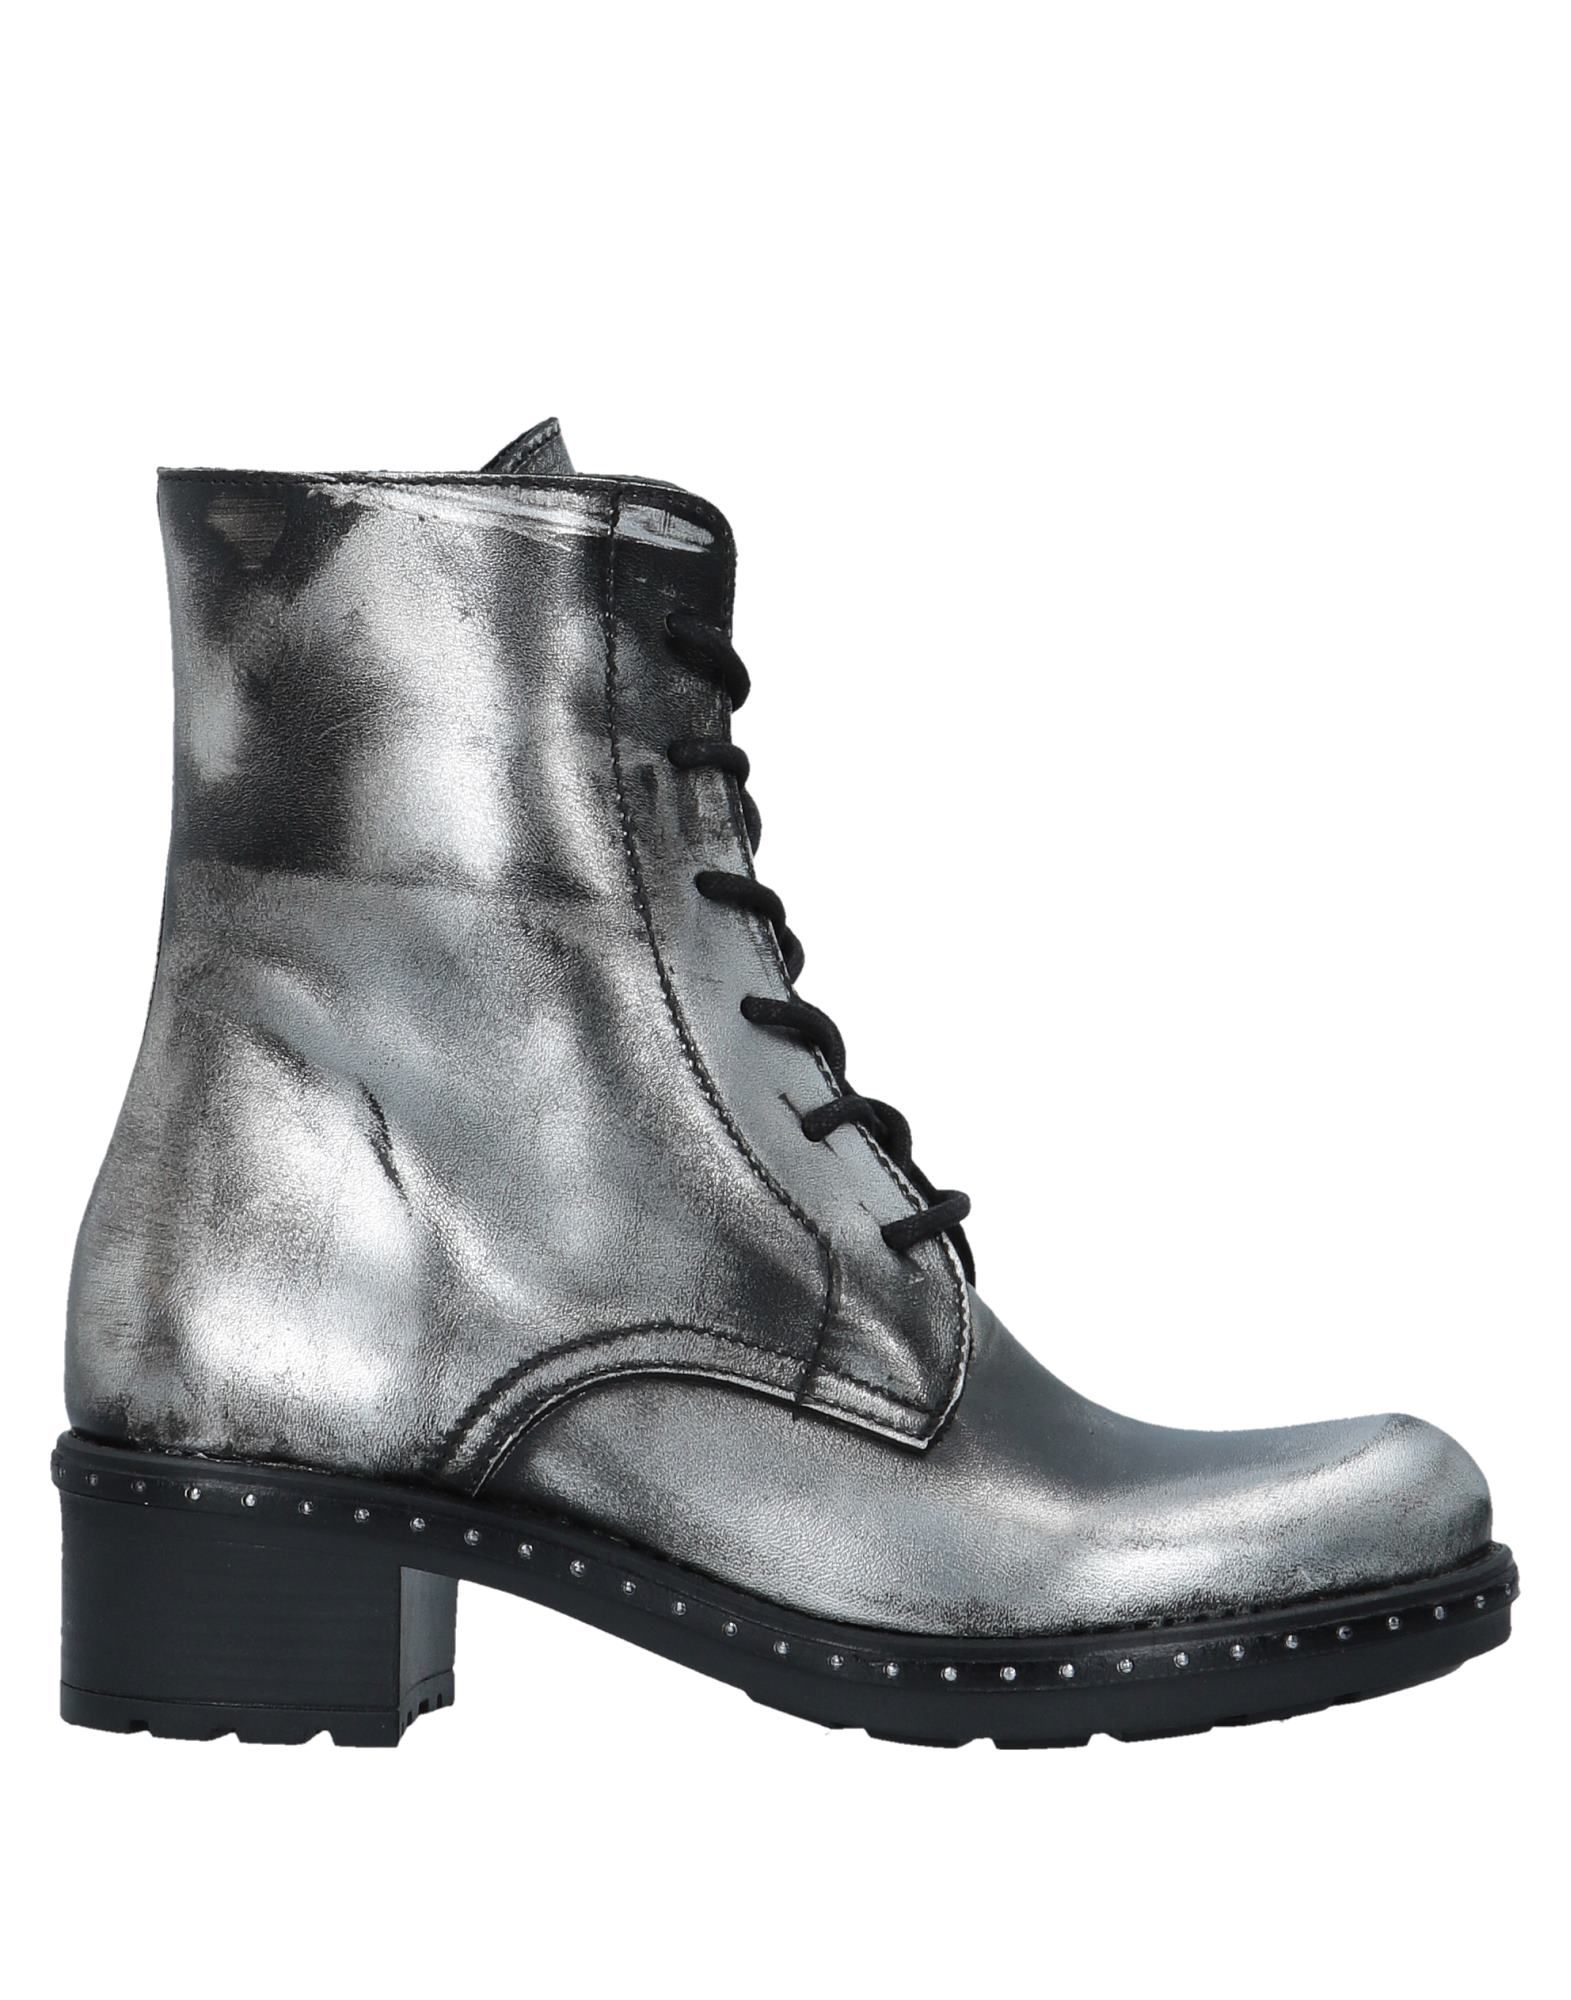 Unlace Stiefelette Damen  11528847RV Gute Qualität beliebte Schuhe